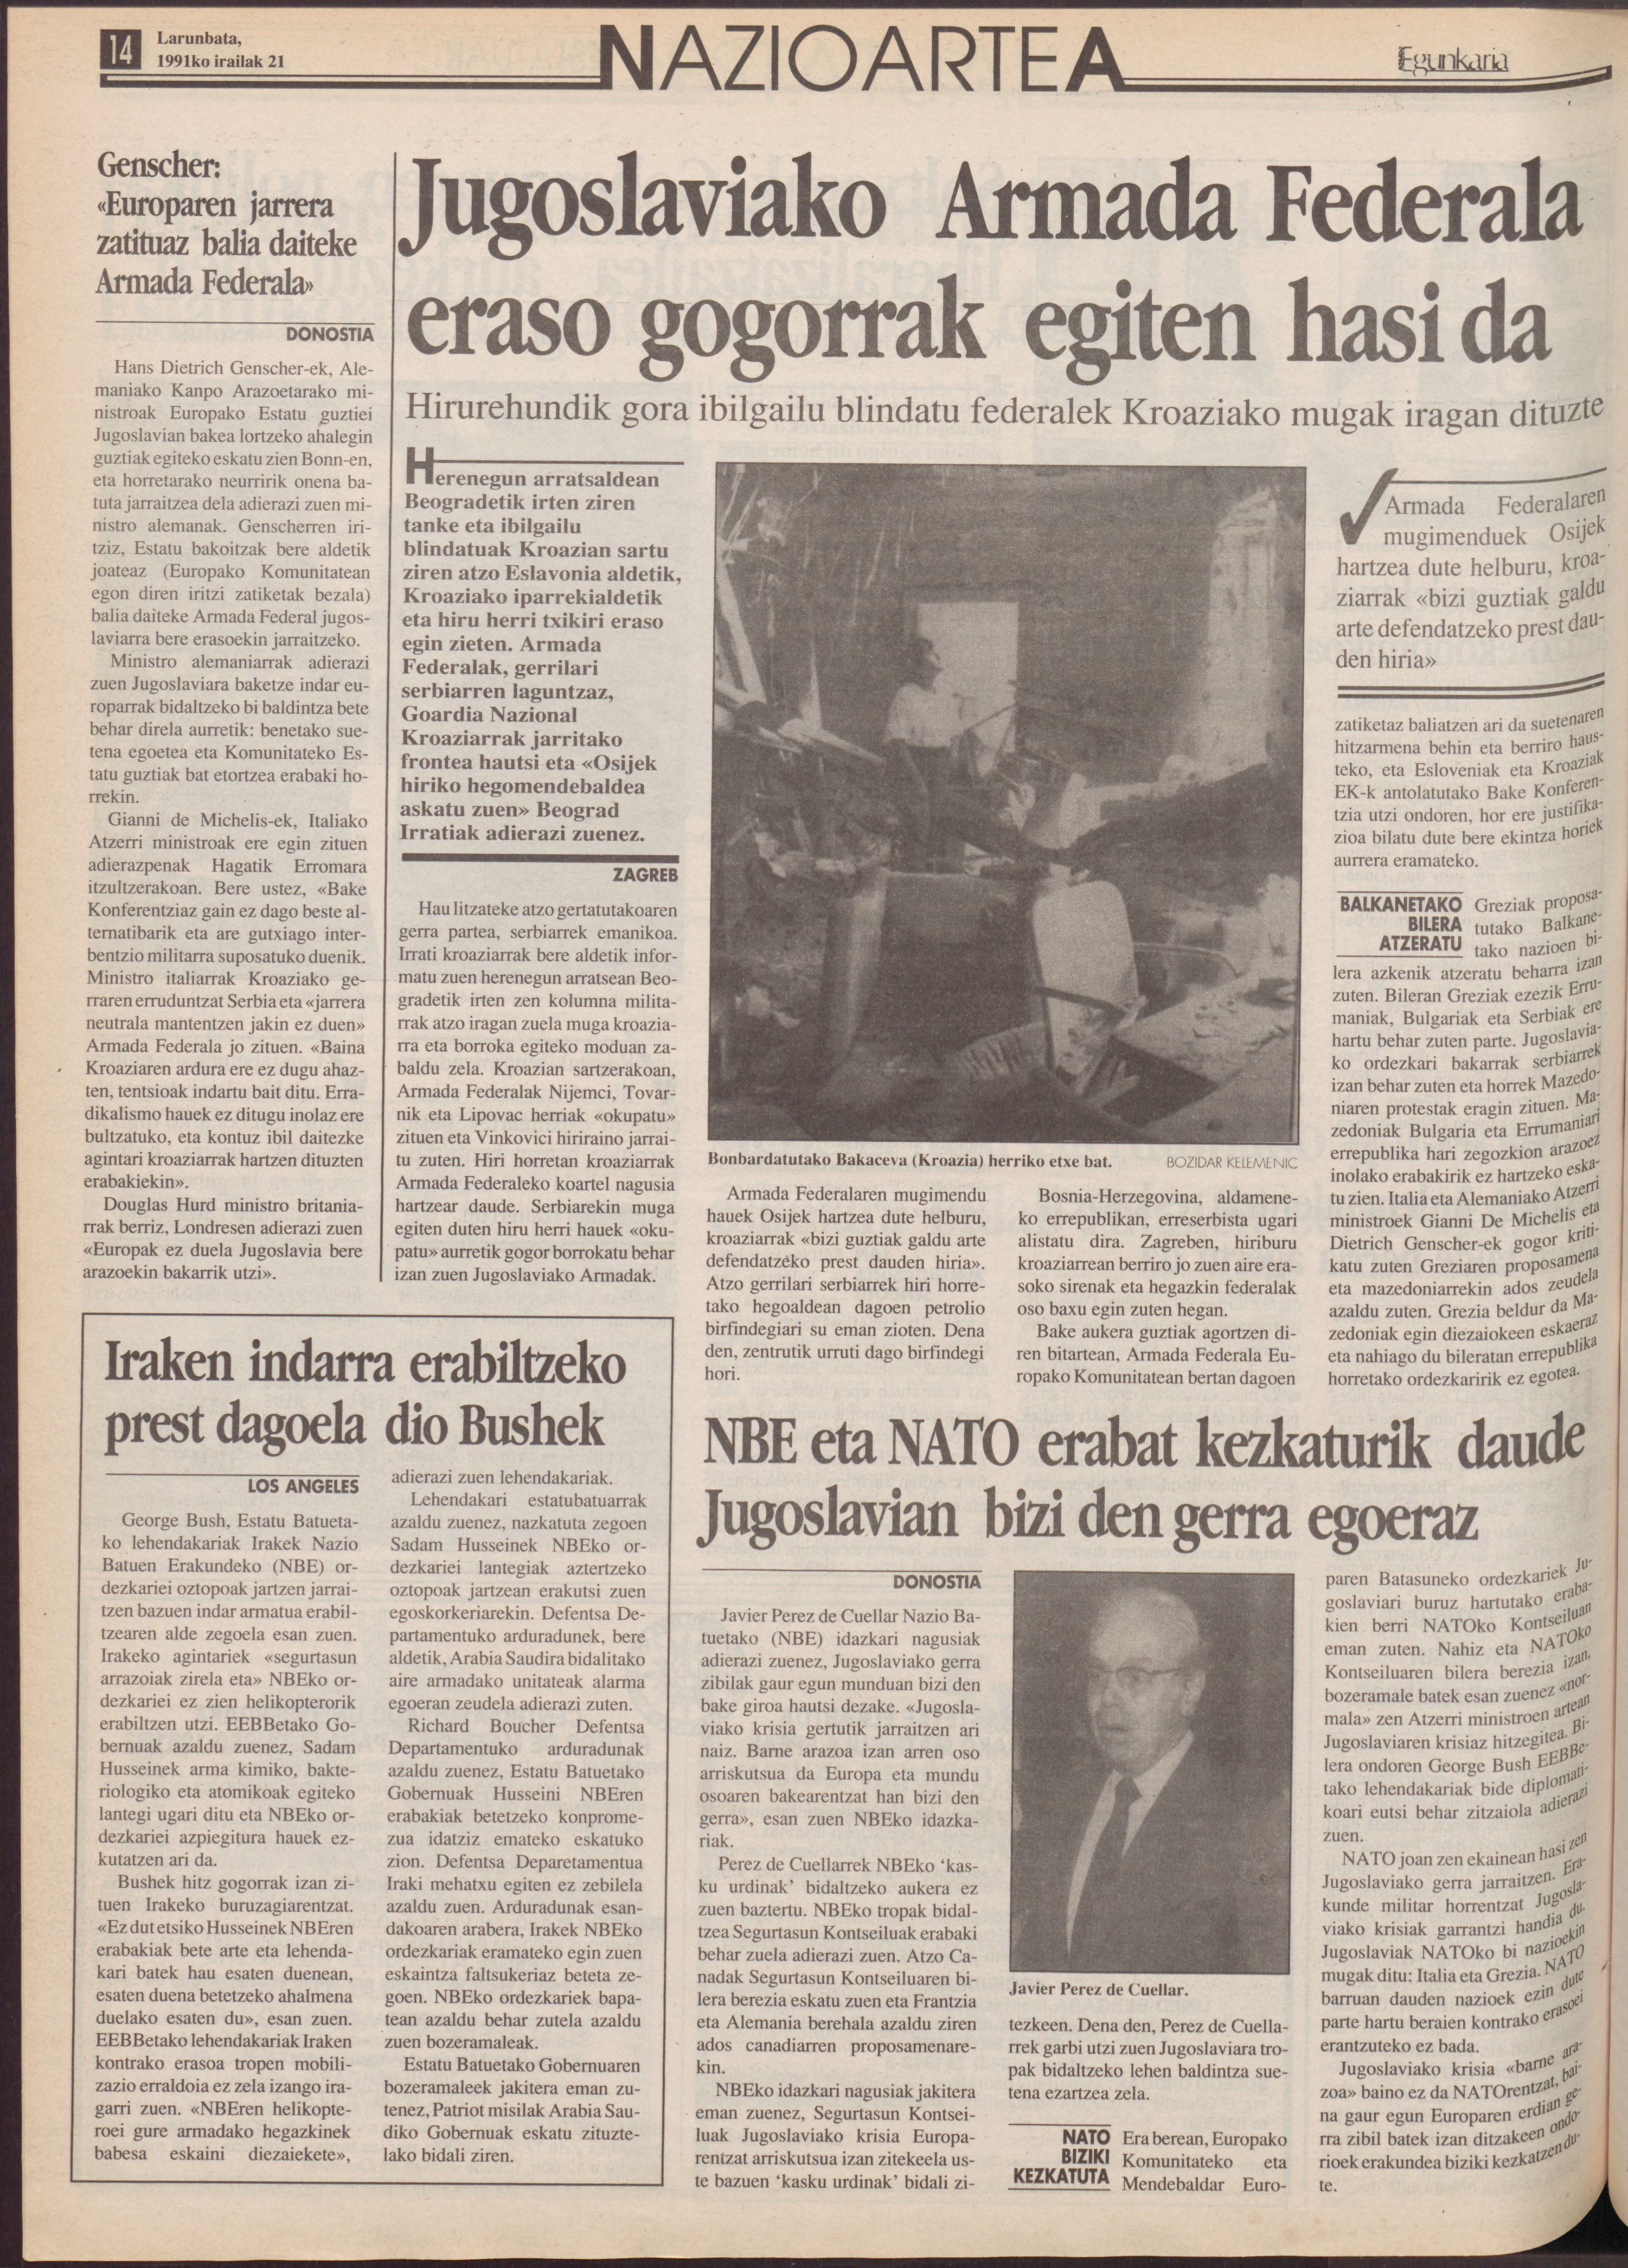 1991ko irailak 21, 14. orrialdea